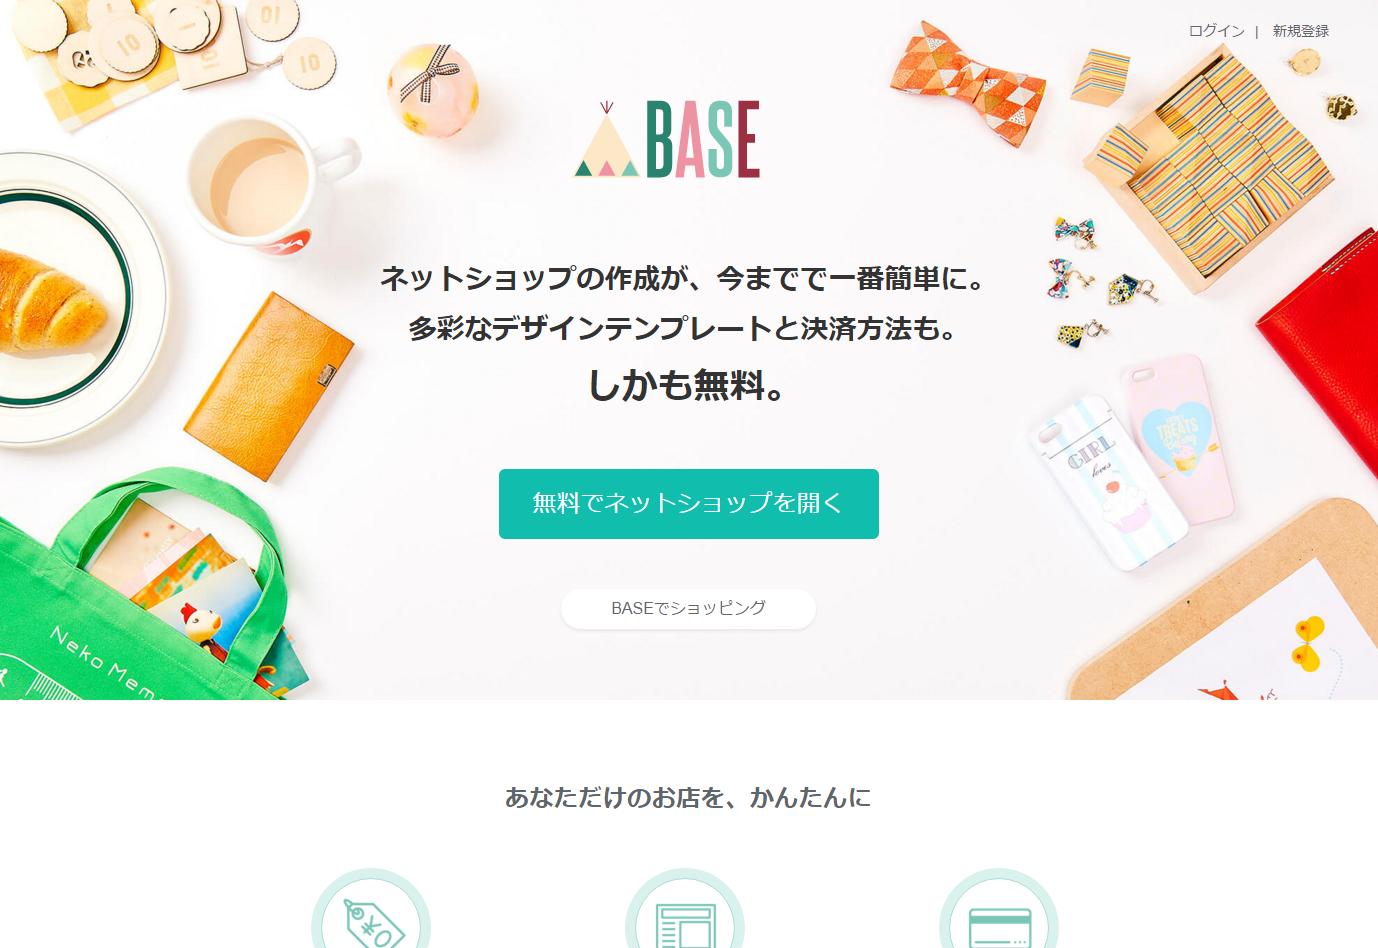 BASEはコンテンツダウンロード販売だけでなく、ネットショップも気軽に始めやすい。